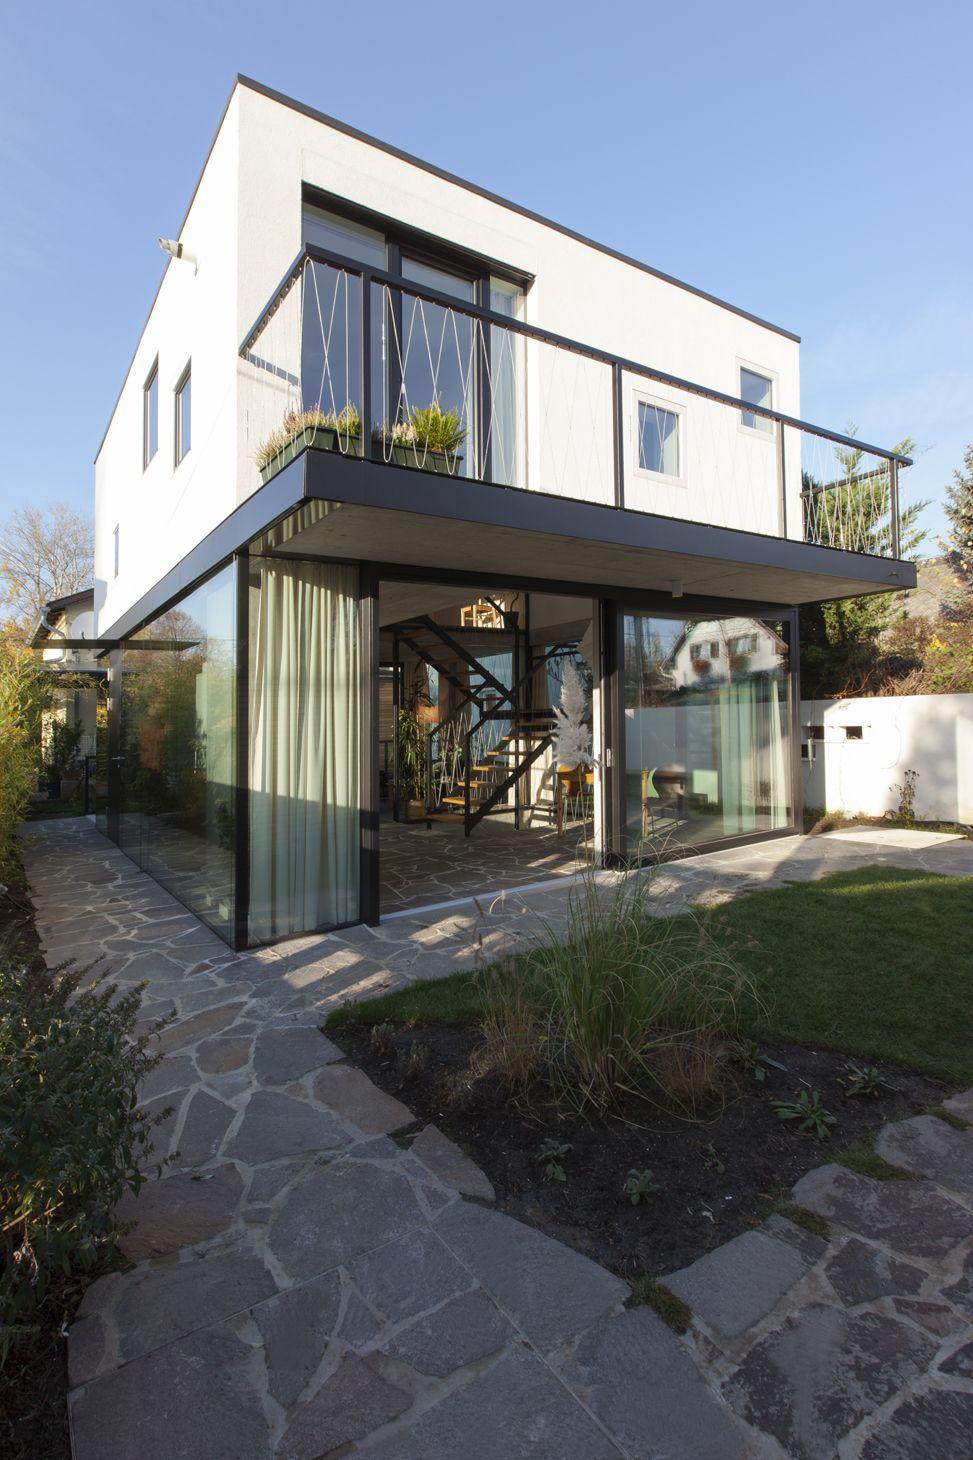 Kleingartenhaus BRA 01 Haus, Strandhäuser, Architektur